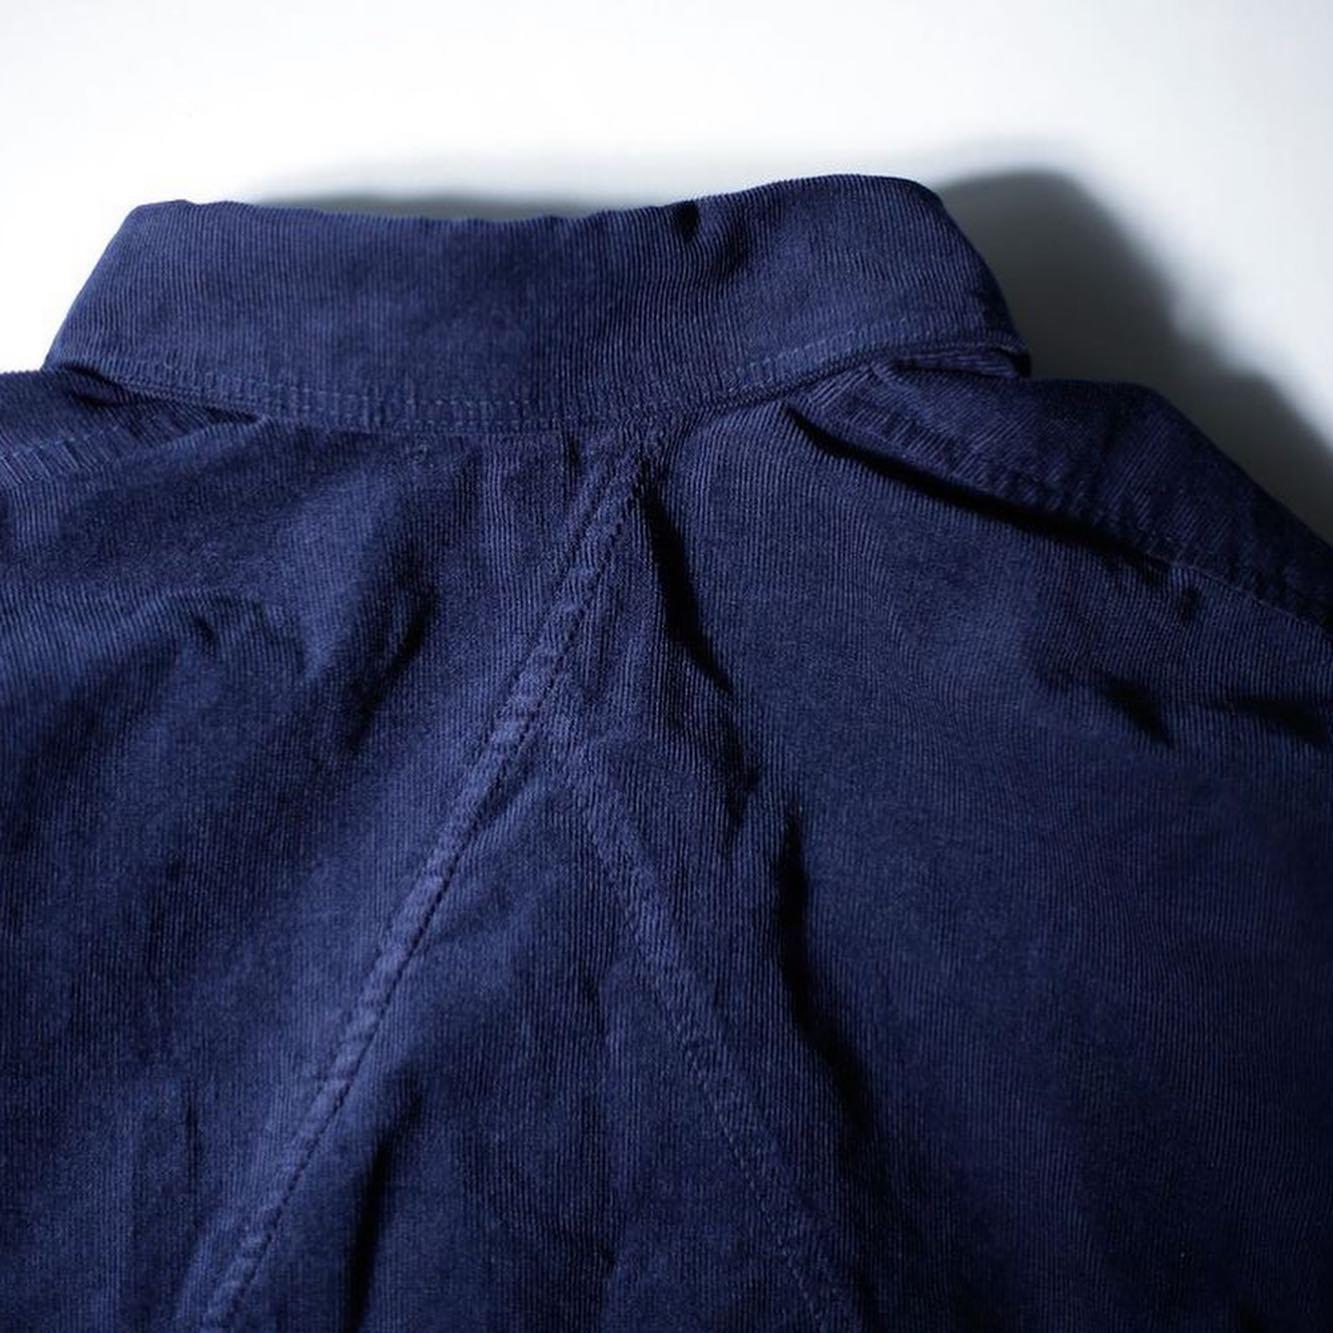 remilla ヒトエラウンドシャツ「いつもそのシャツだね」と言われる程のヘビーユーズシャツ。人気のヒトエラウンドシリーズ。今回はコーデュロイで秋の装いに合うカラーで登場。ピッタリサイズでもオーバーサイズでもおかしくないデザインがレミーラの最大の特徴。カジュアルでもフォーマルでも合わせる事が出来るので、スニーカーでも革靴でもどちらにも合います。苦しくない襟付きを是非^_^#remilla #ヒトエラウンドシャツ